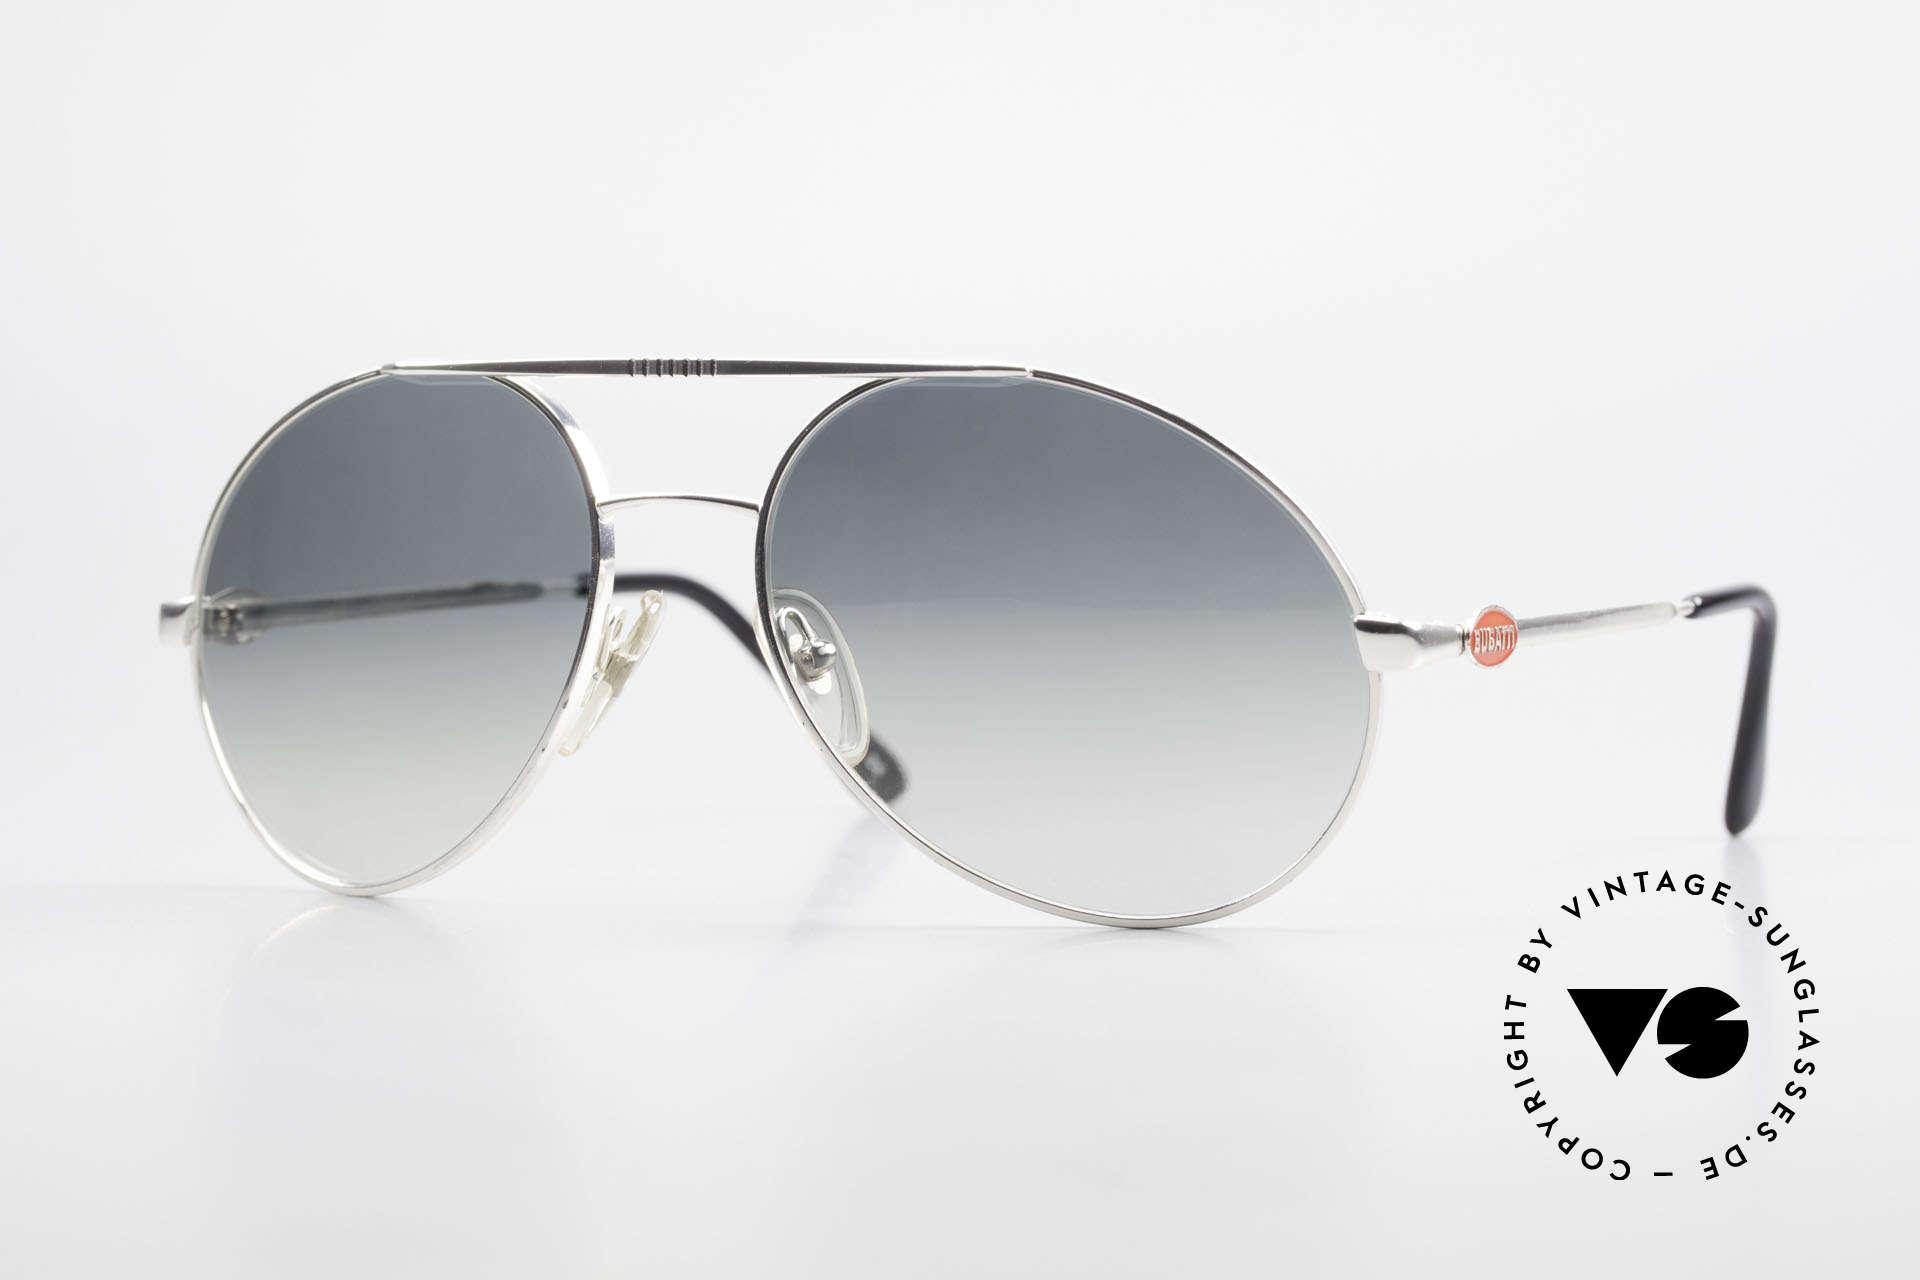 Bugatti 65996 Costly Mirrored Sun Lenses, rare VINTAGE Bugatti luxury sunglasses, 80's, Made for Men